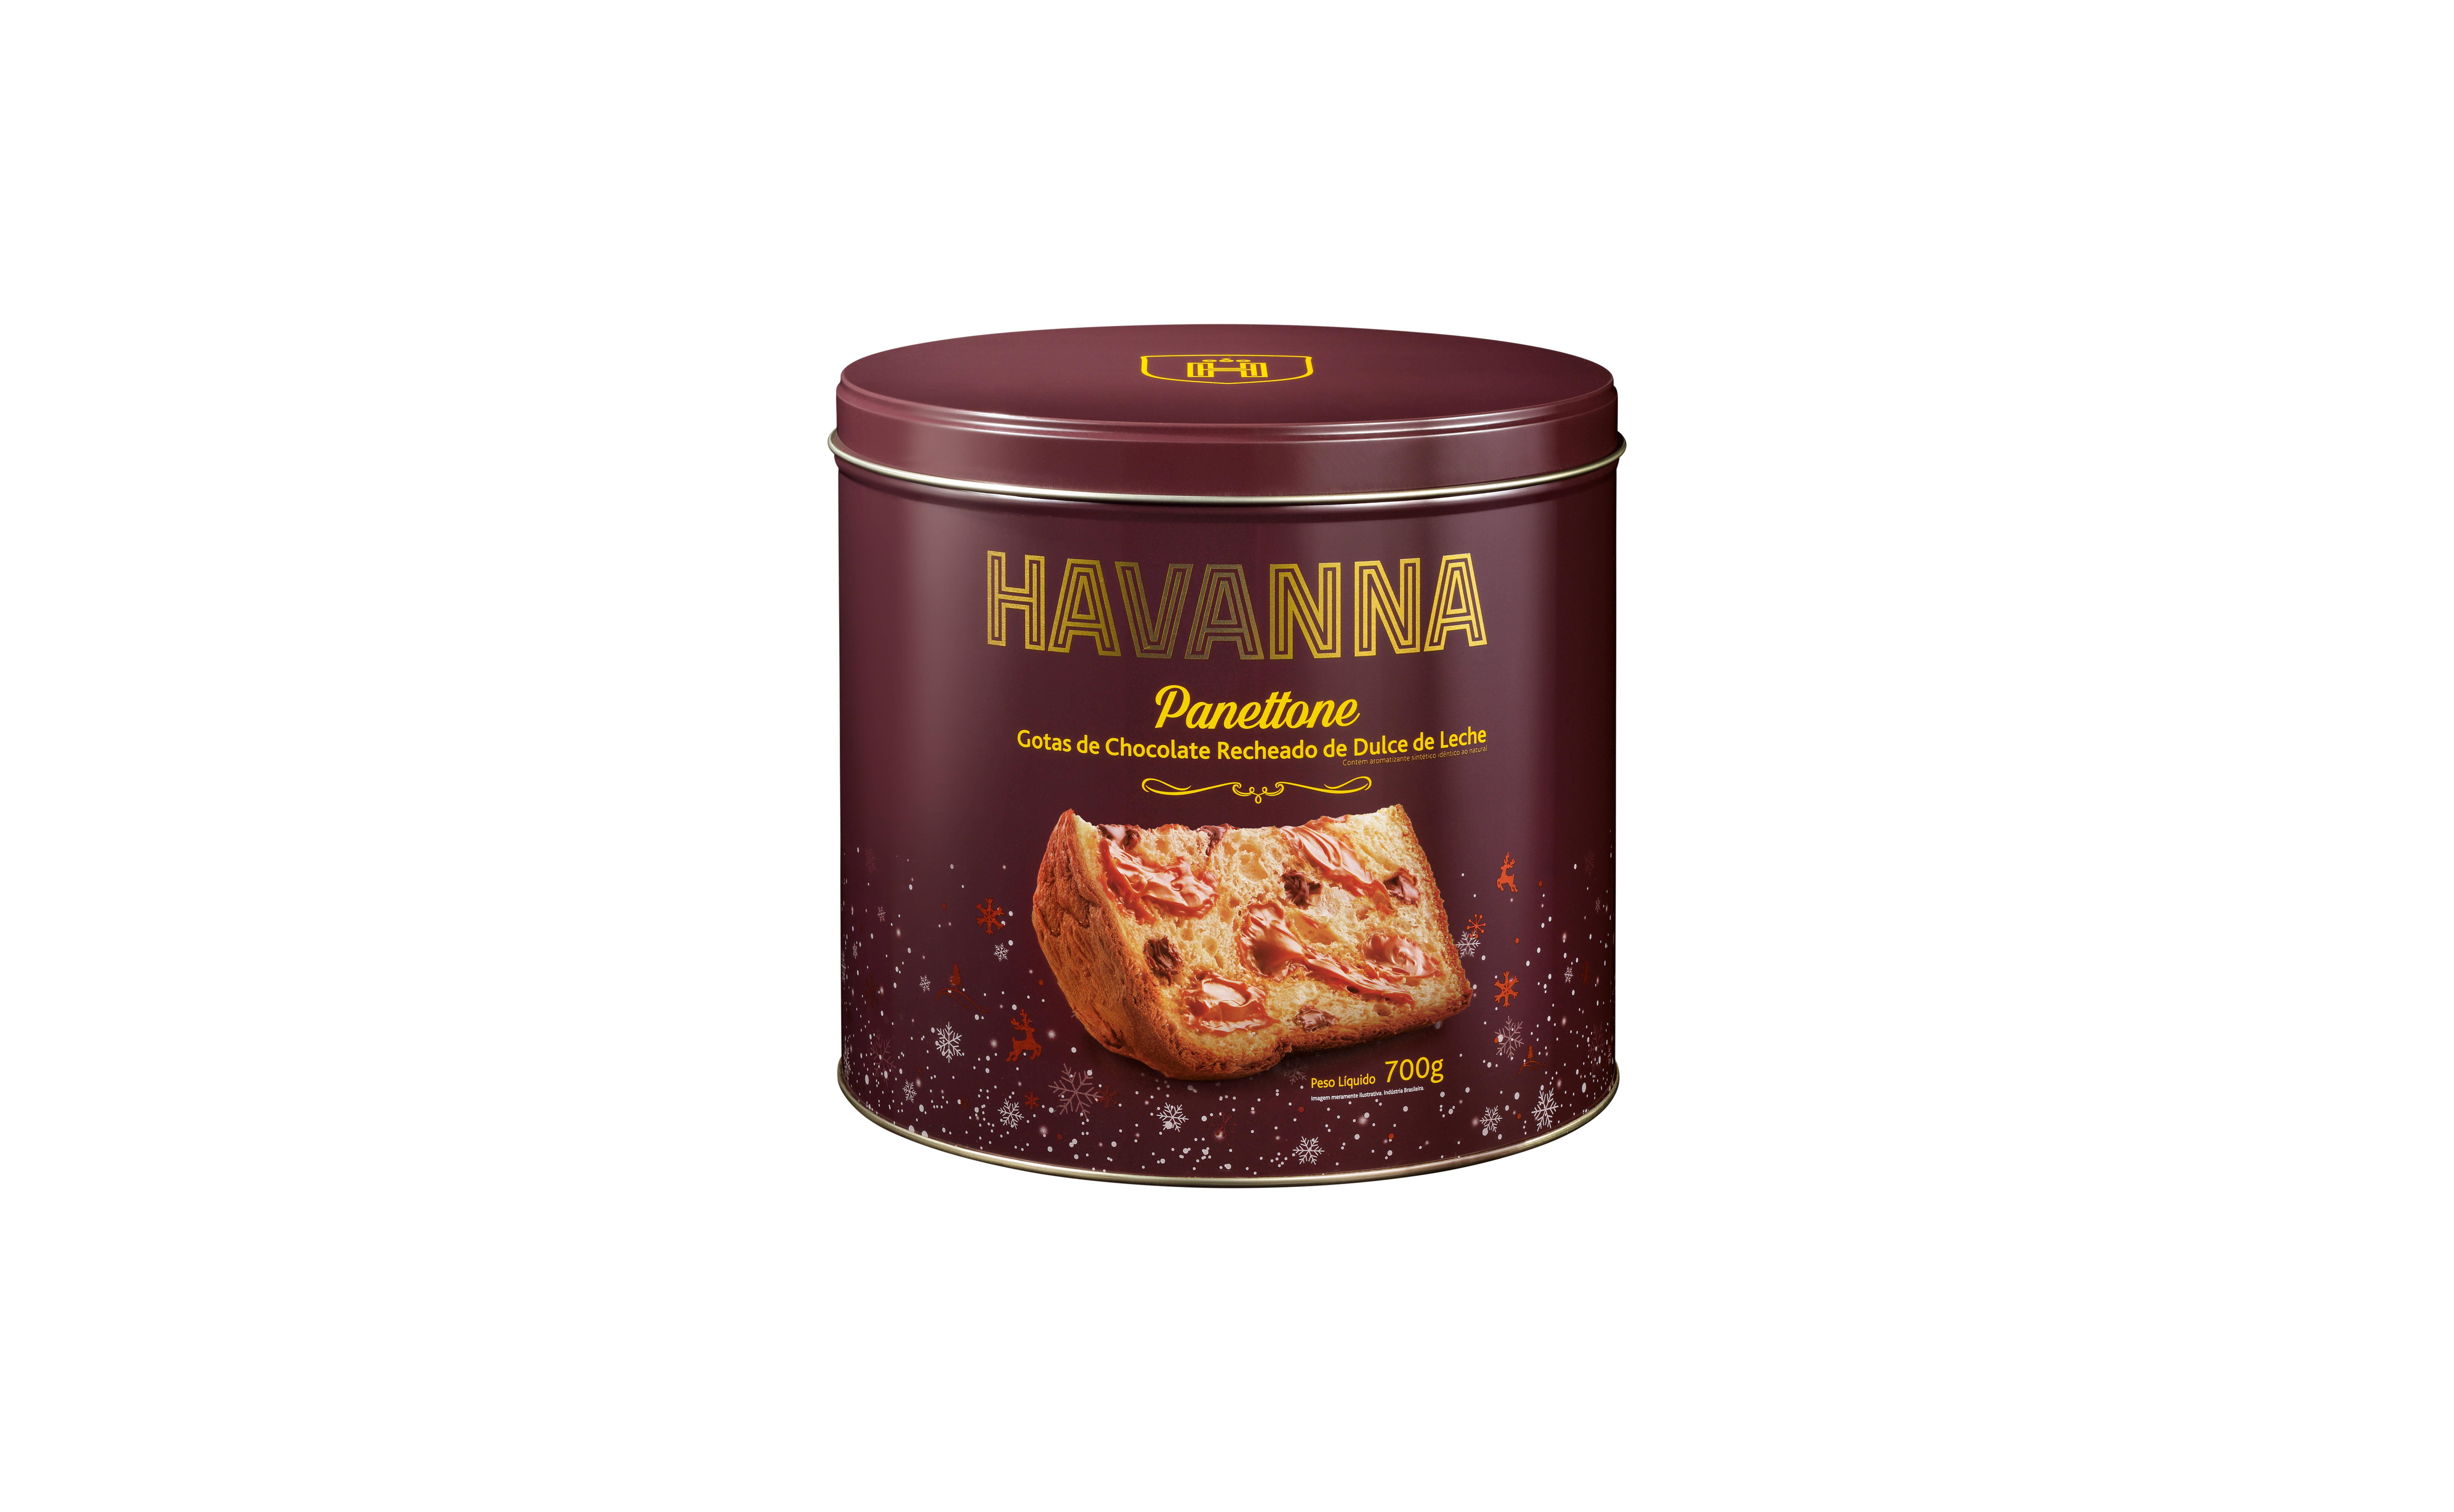 Panettone com gotas de chocolate e o tradicional Dulce de Leche Havanna – 700g (R$79,90). Foto: Divulgação